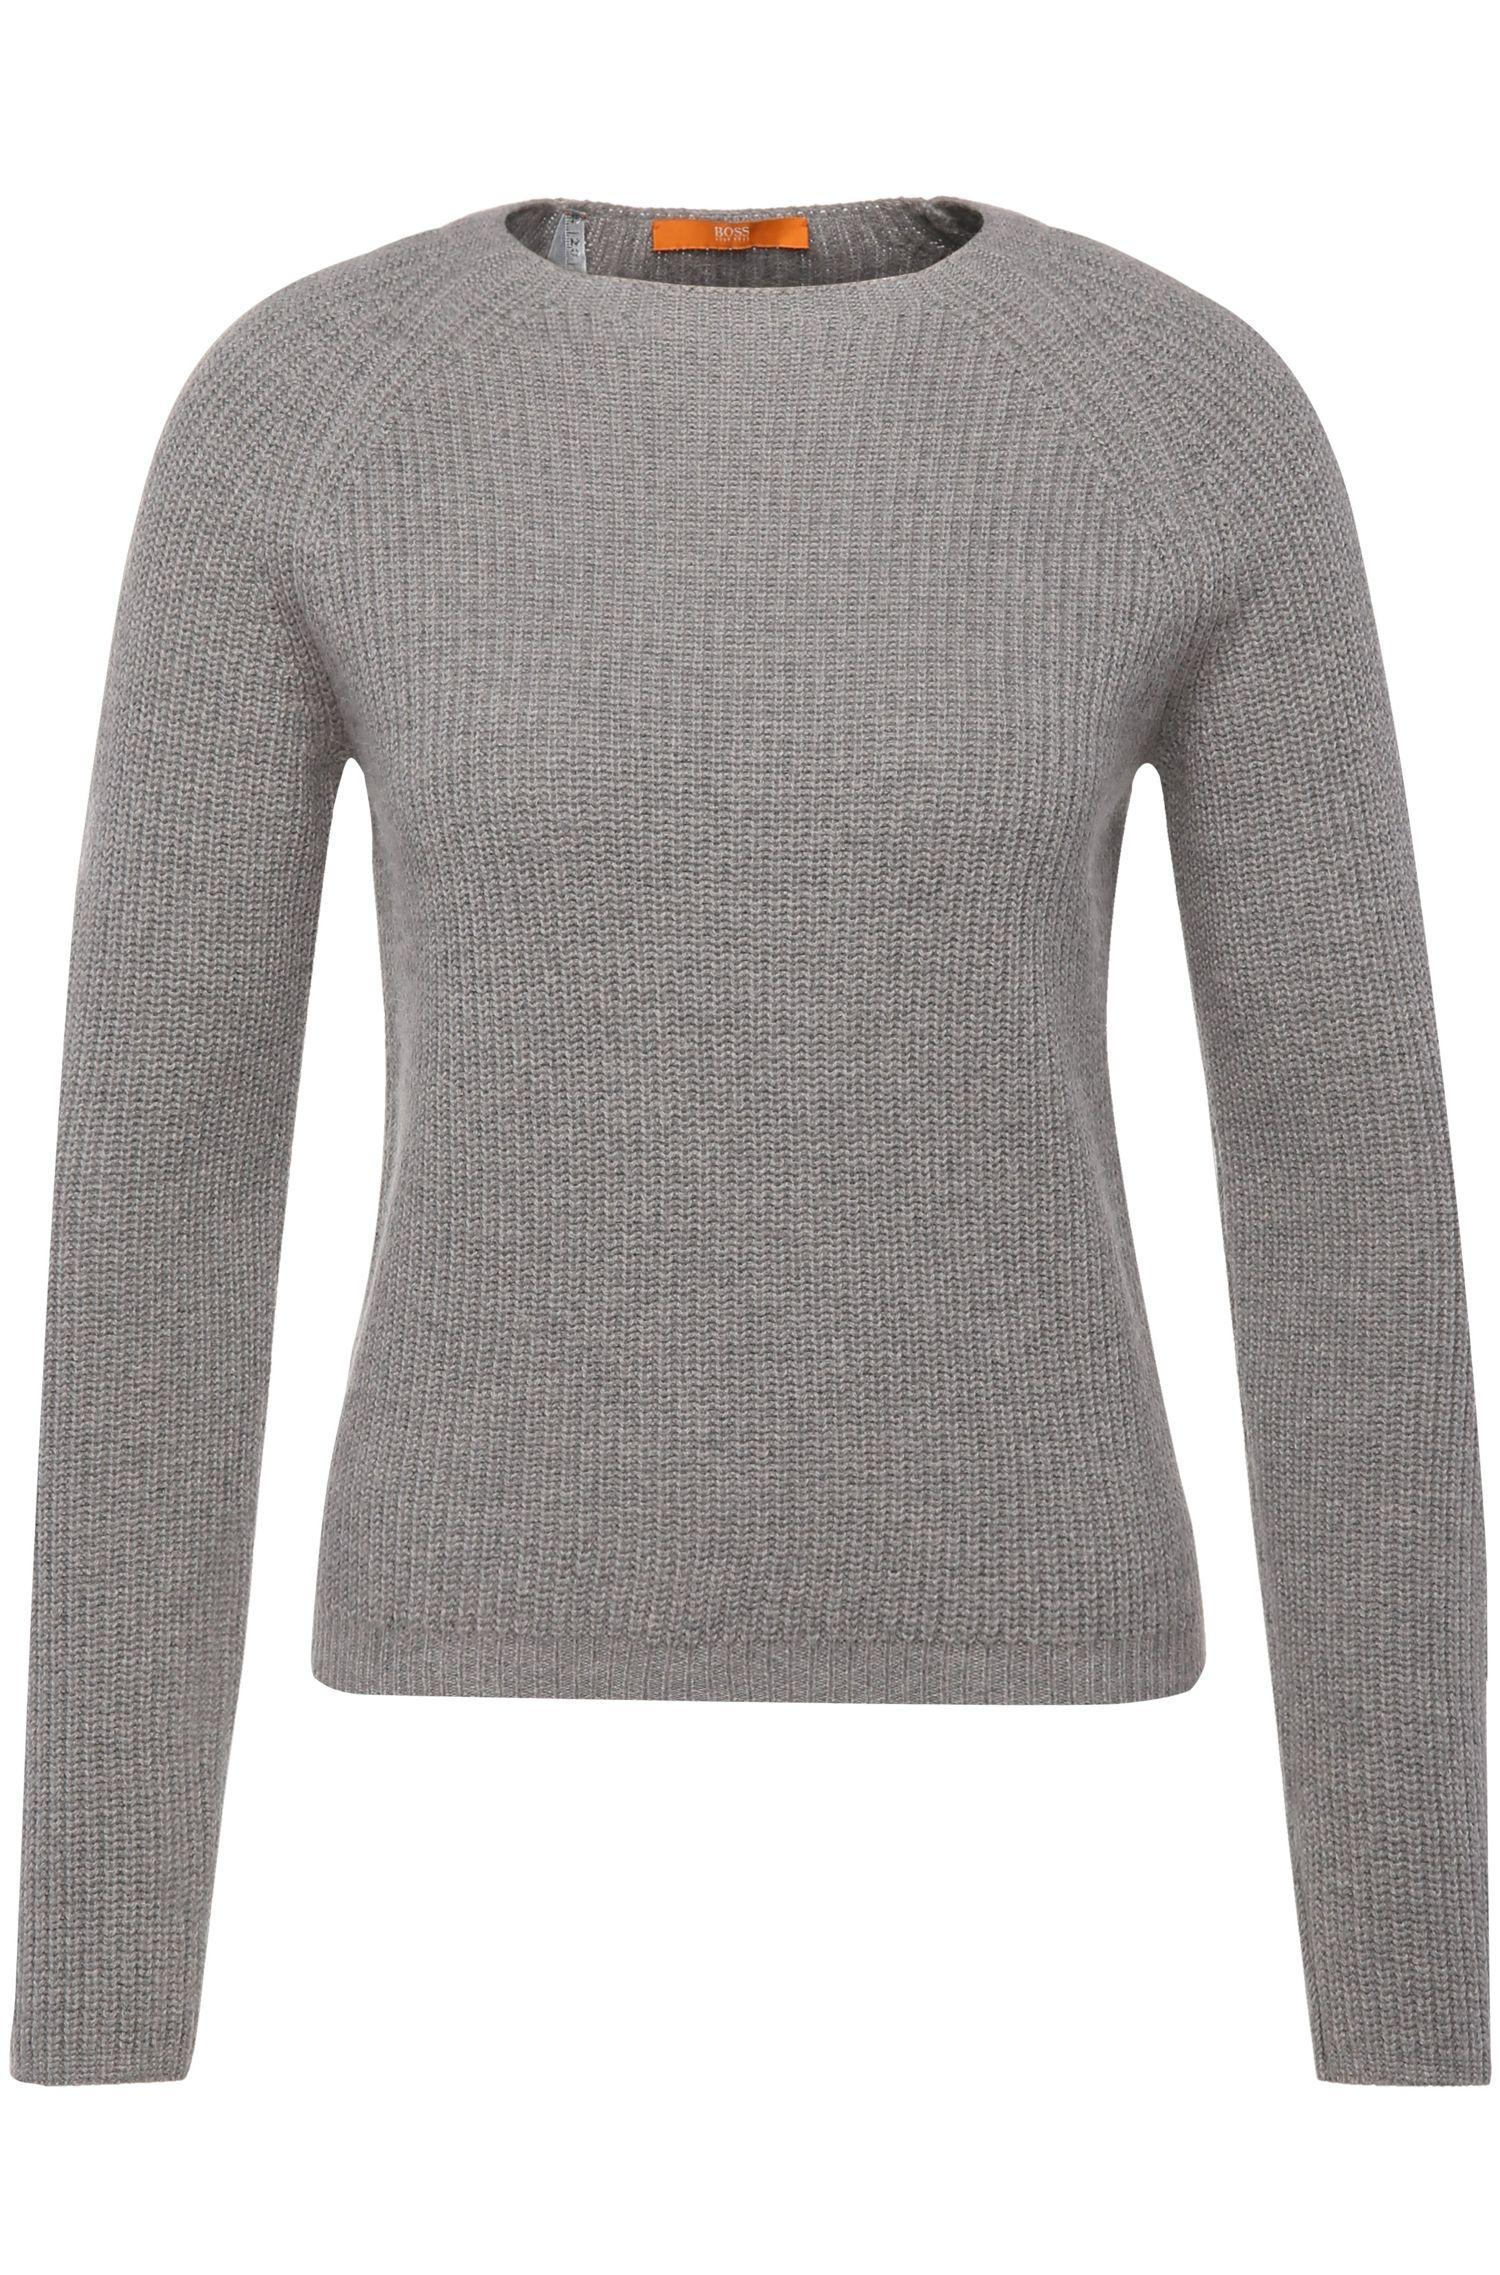 'Wawanne'   Virgin Wool Alpaca Blend Sweater